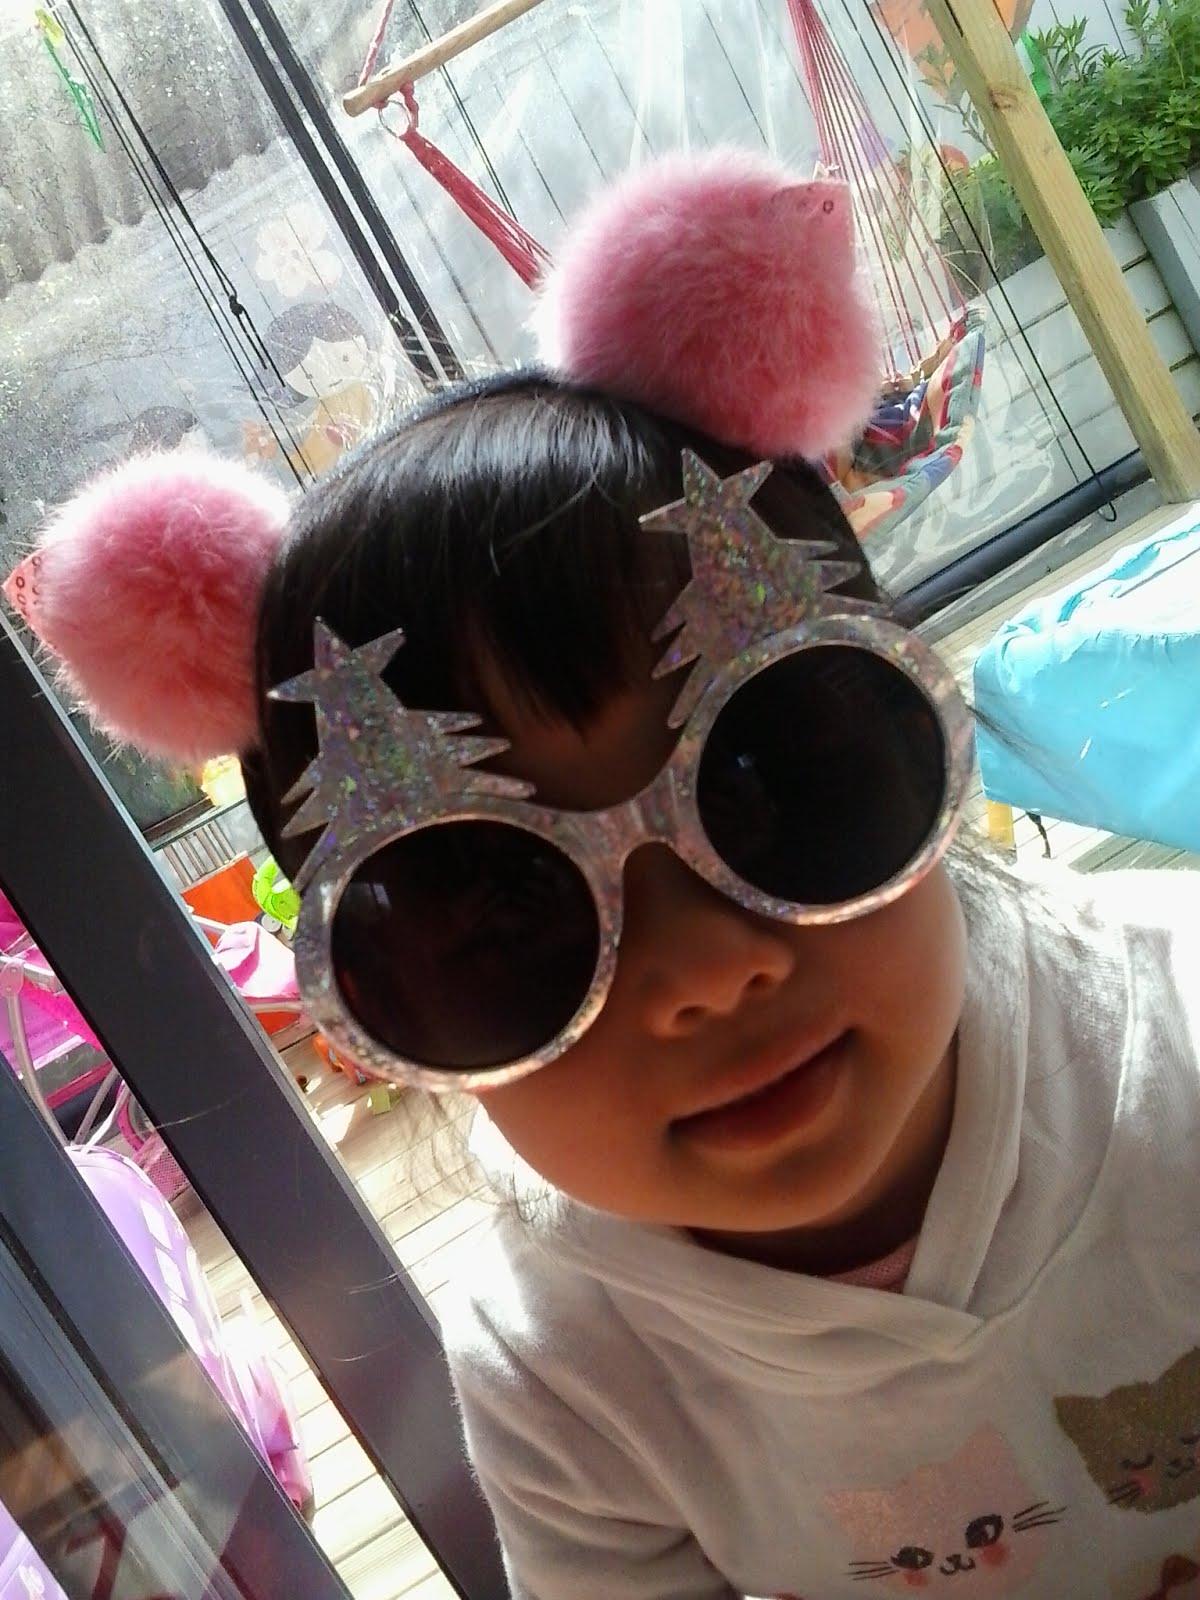 Alisa - Age 4